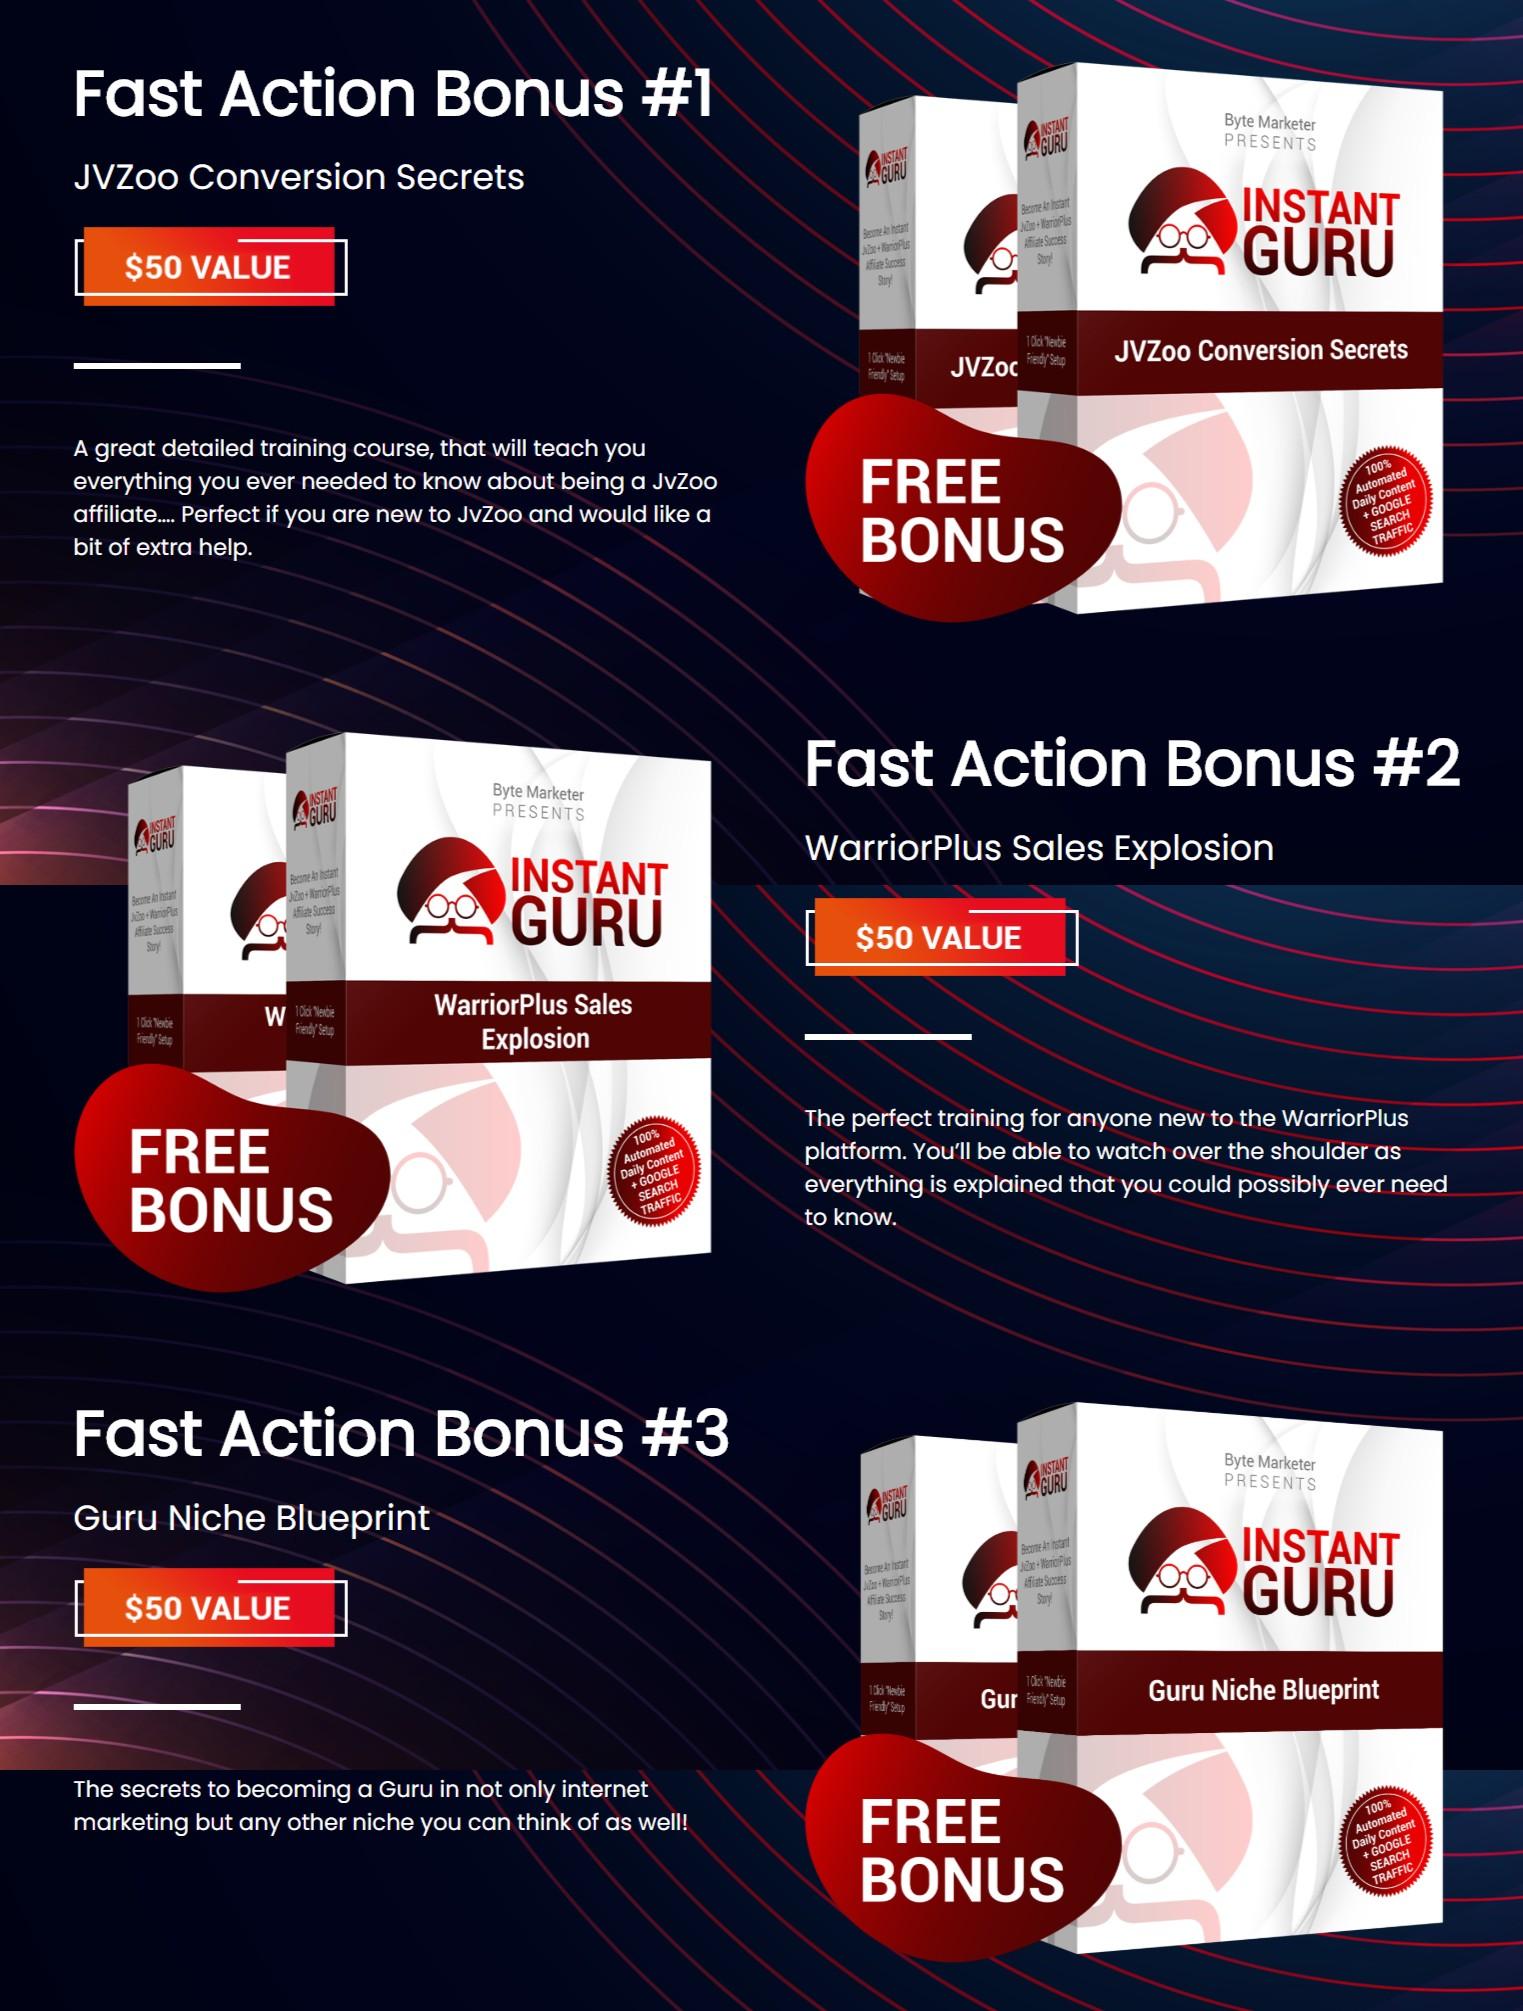 Instant-Guru-bonus